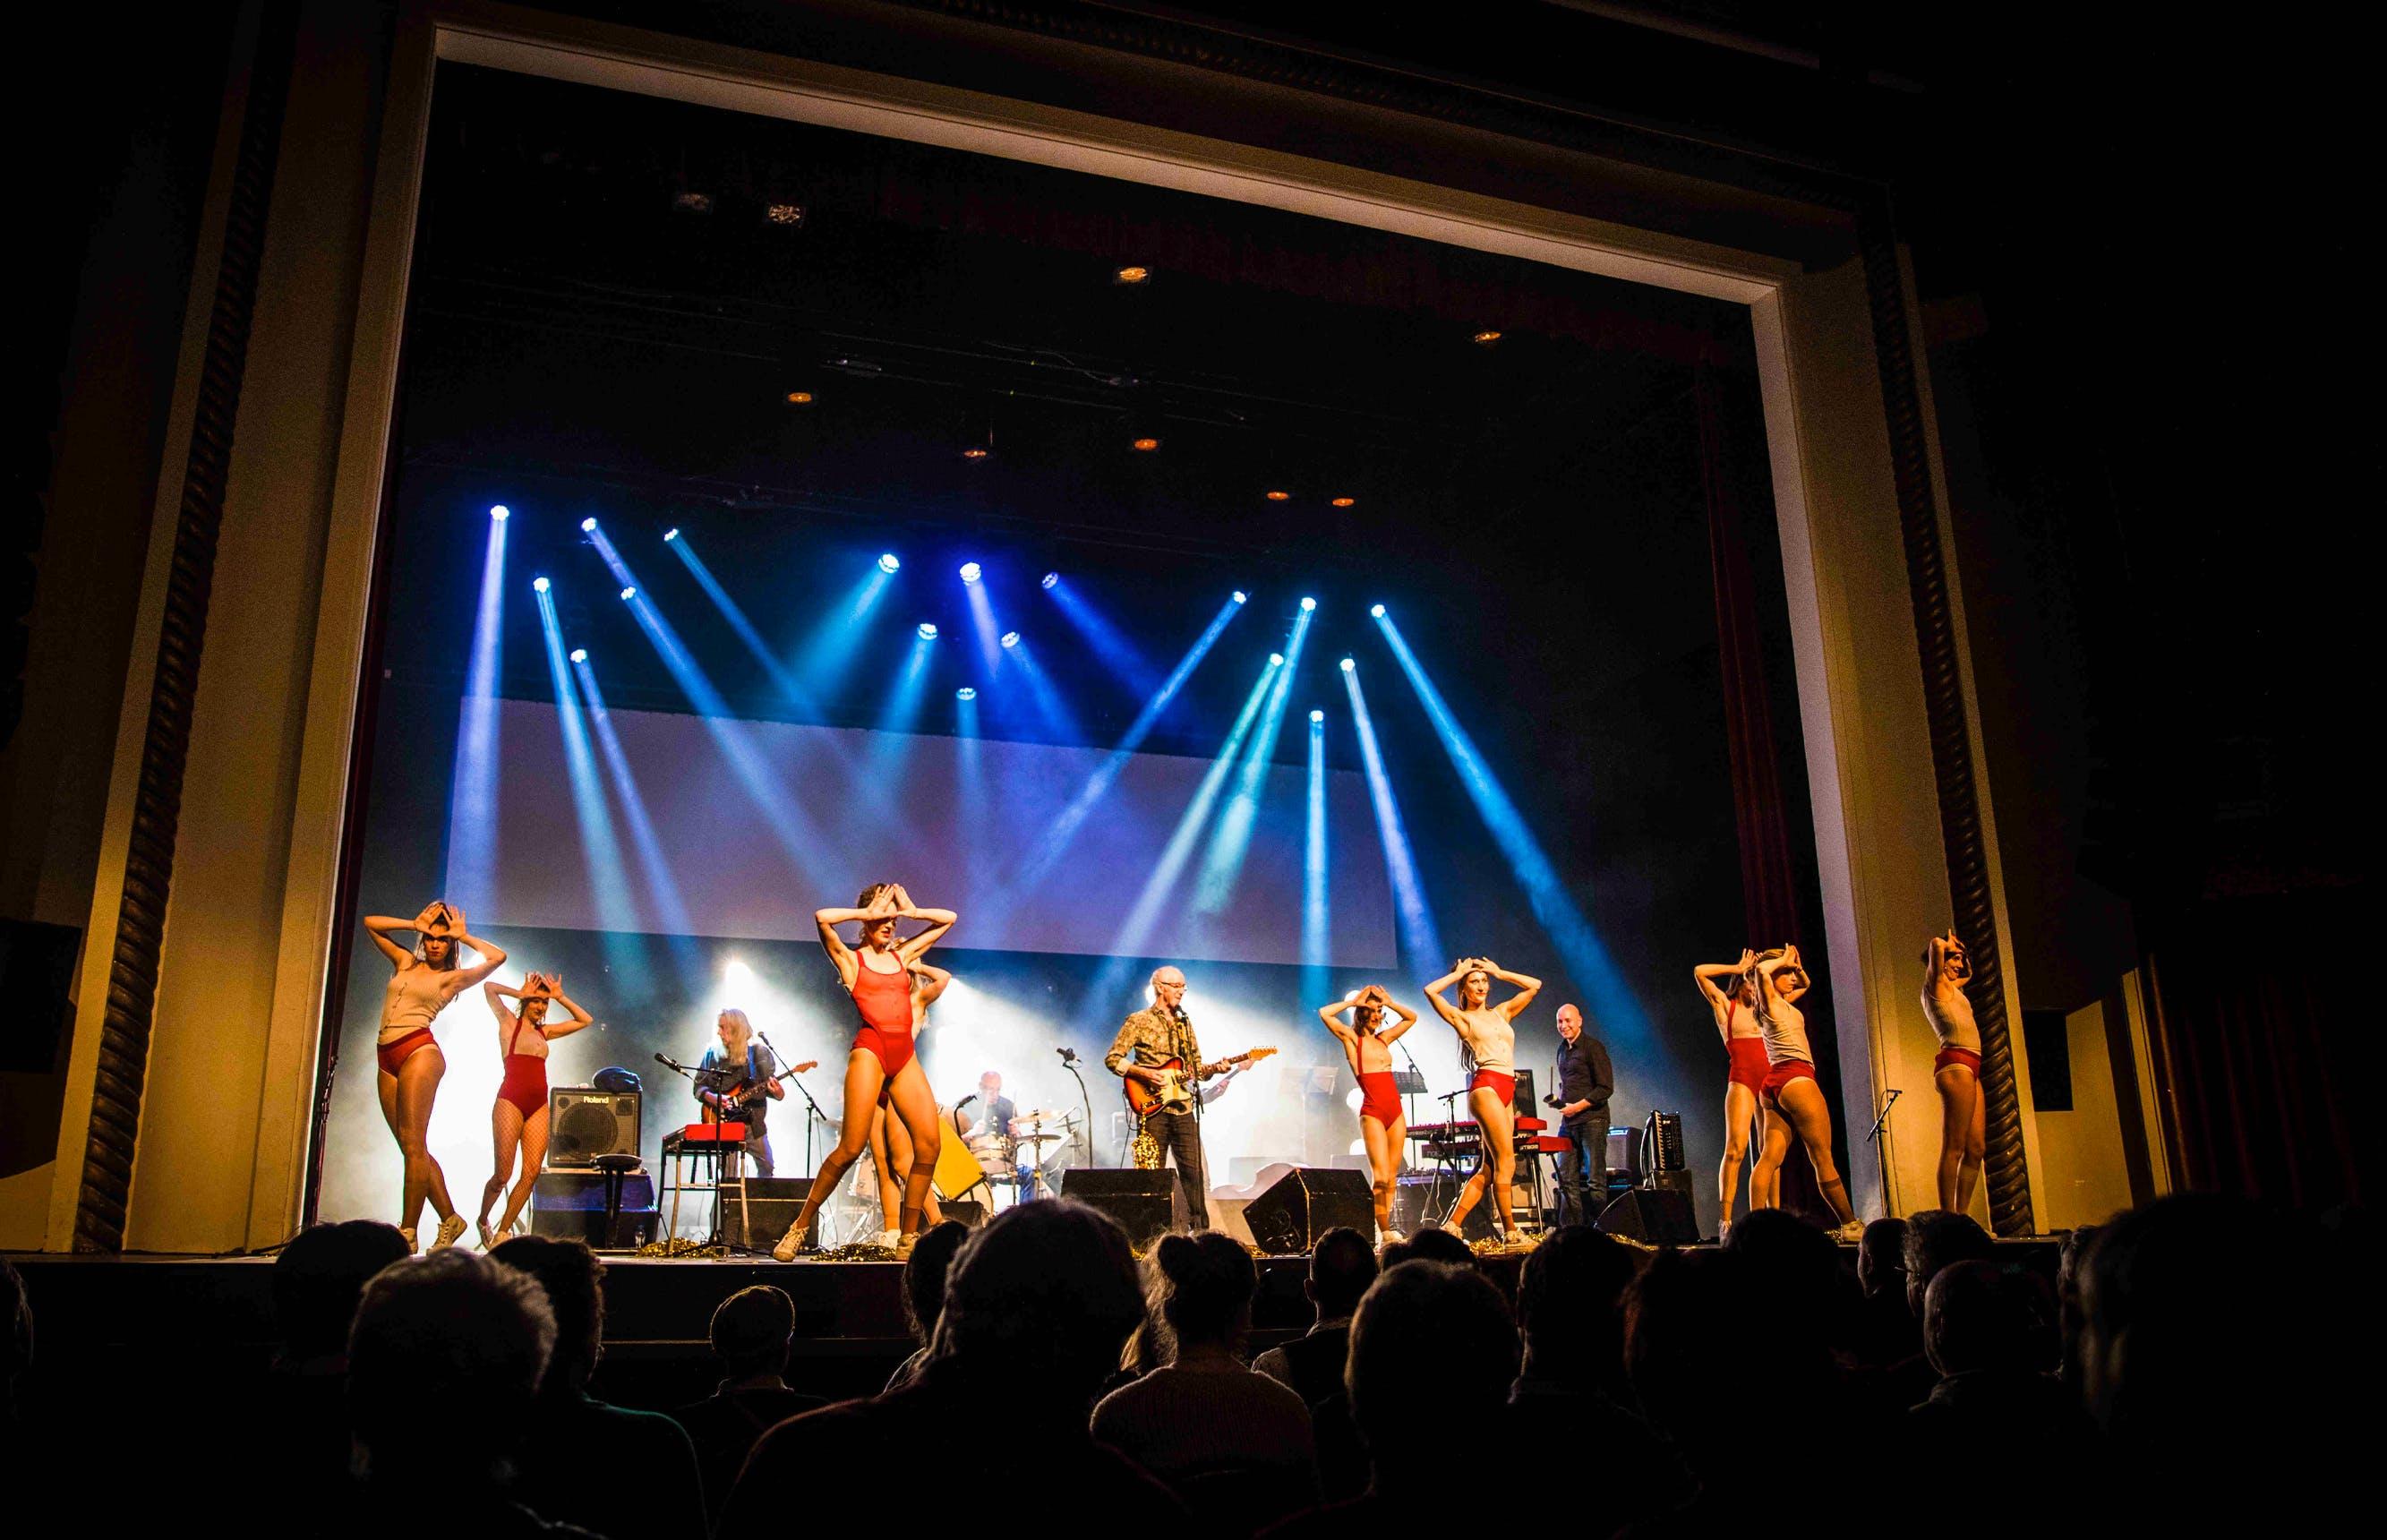 De Roma zet Belgische muzikanten in de kijker